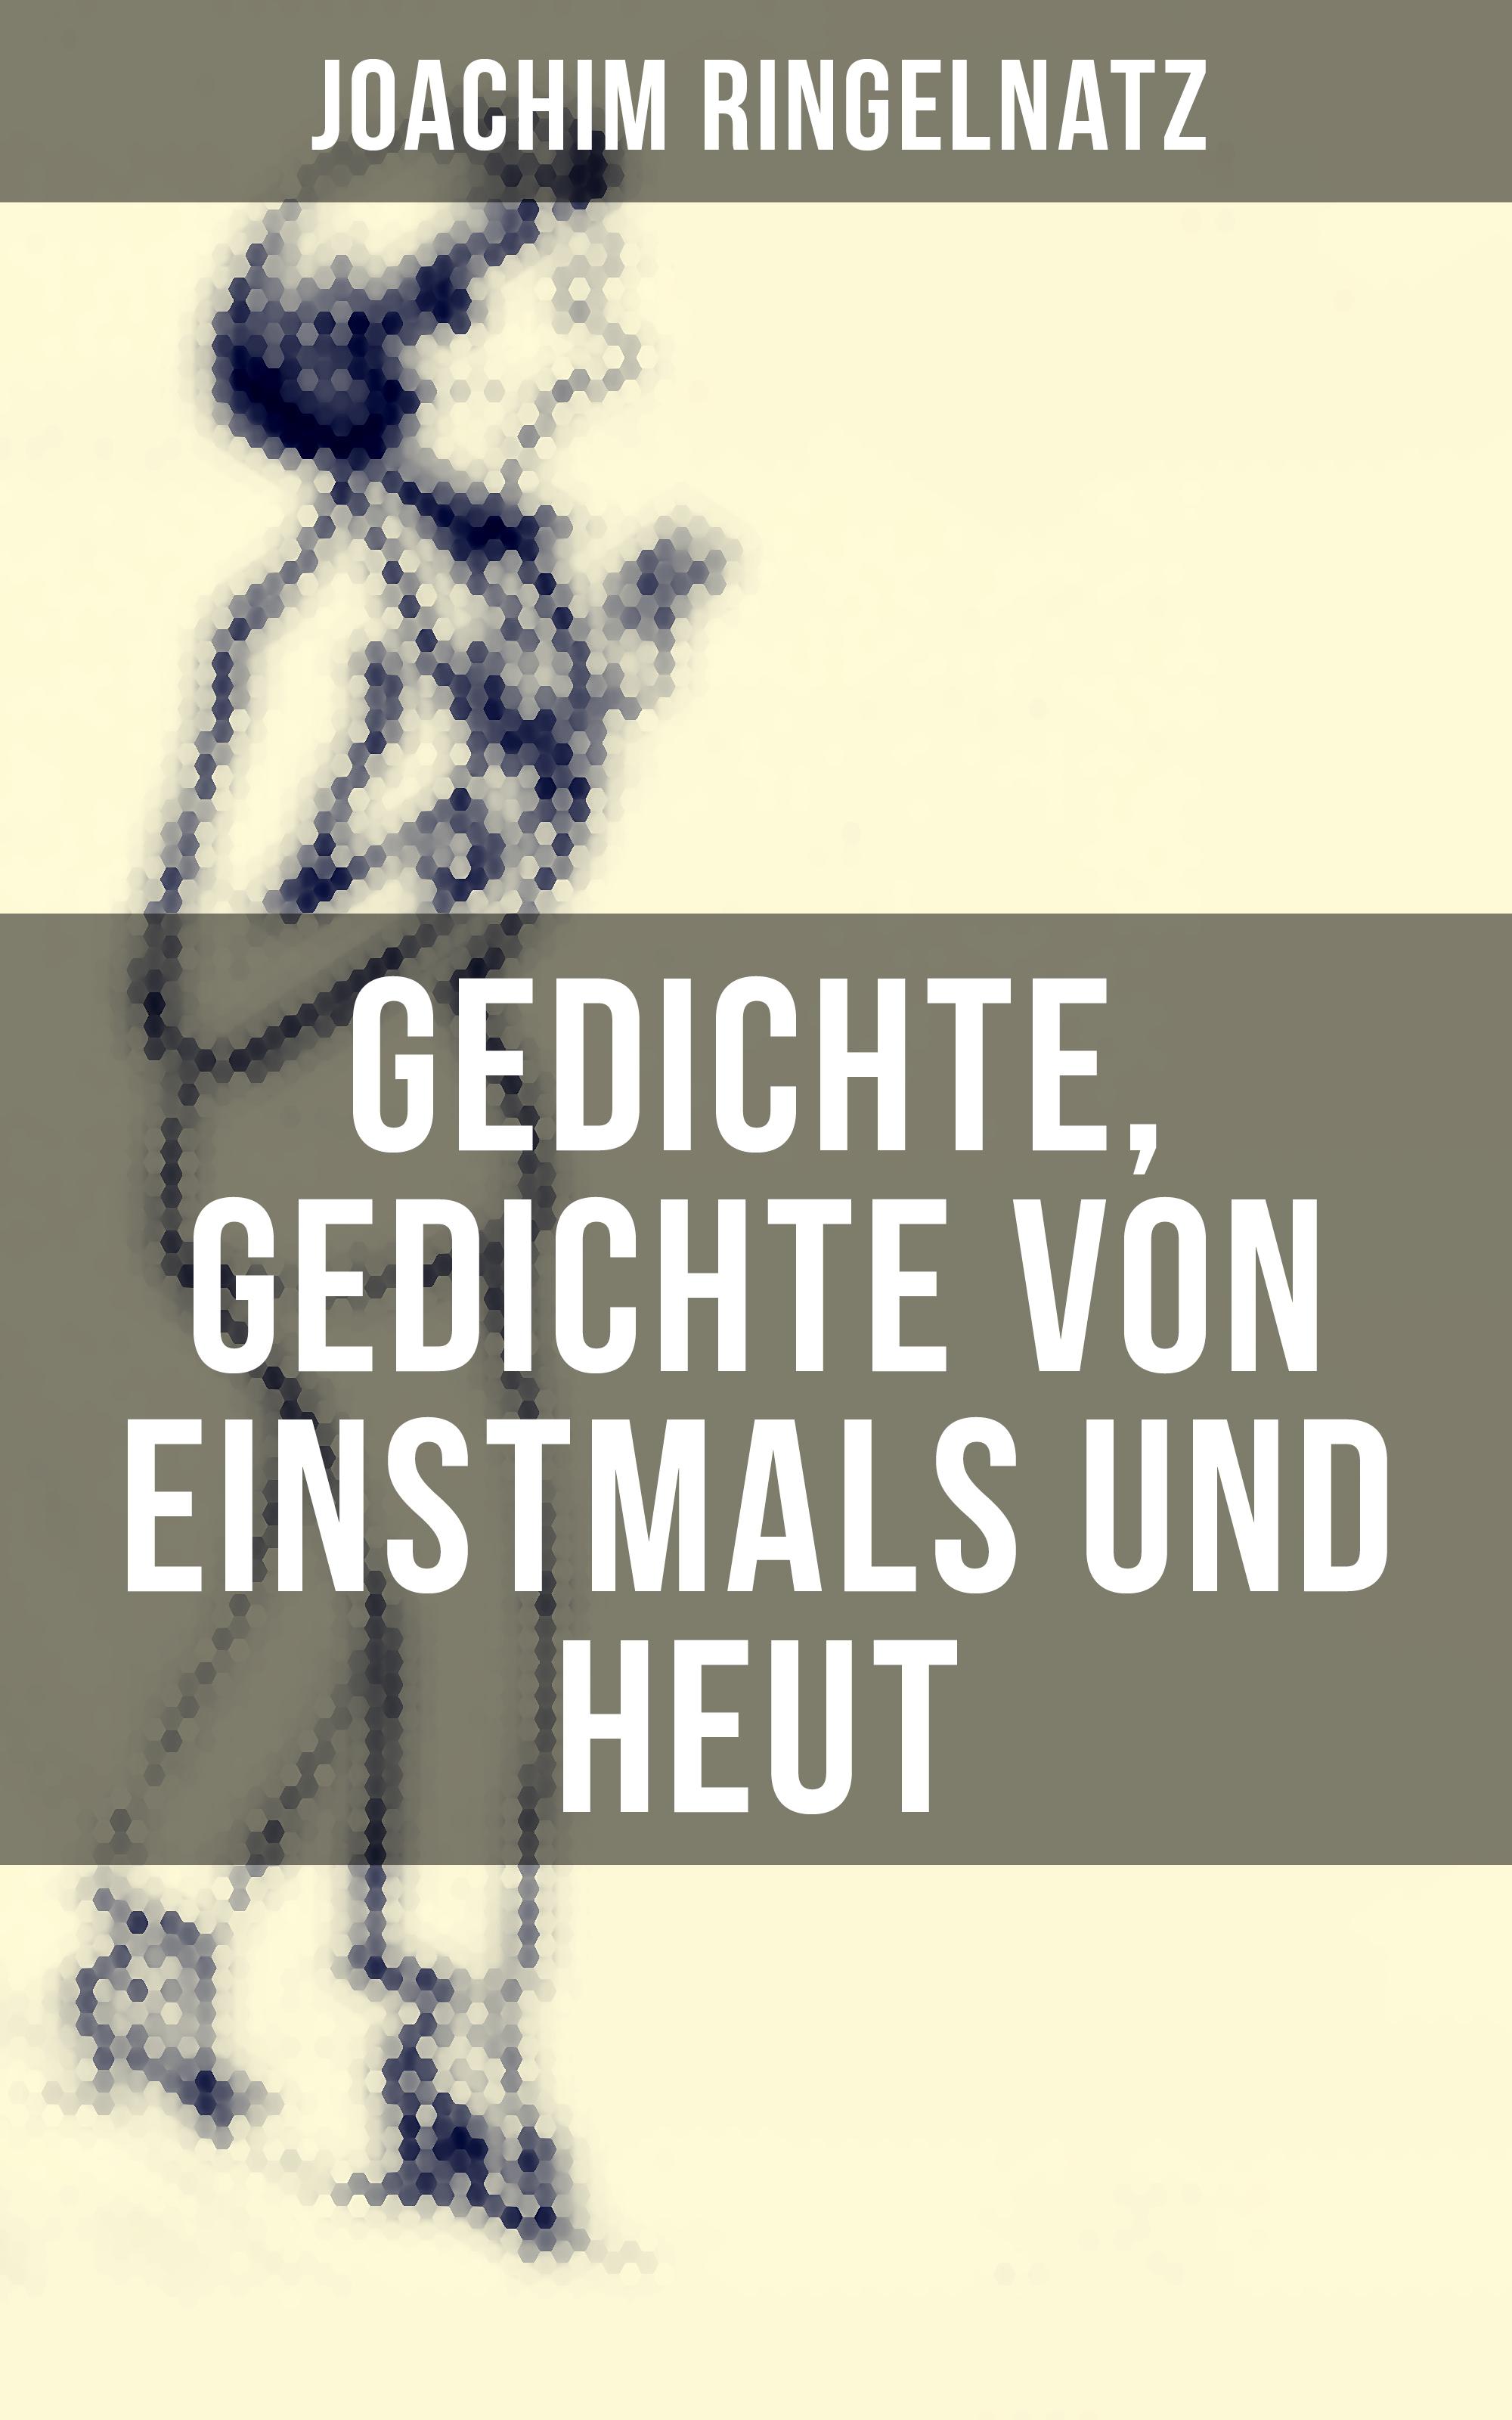 Joachim Ringelnatz Gedichte, Gedichte von Einstmals und Heut ernst moritz arndt gedichte